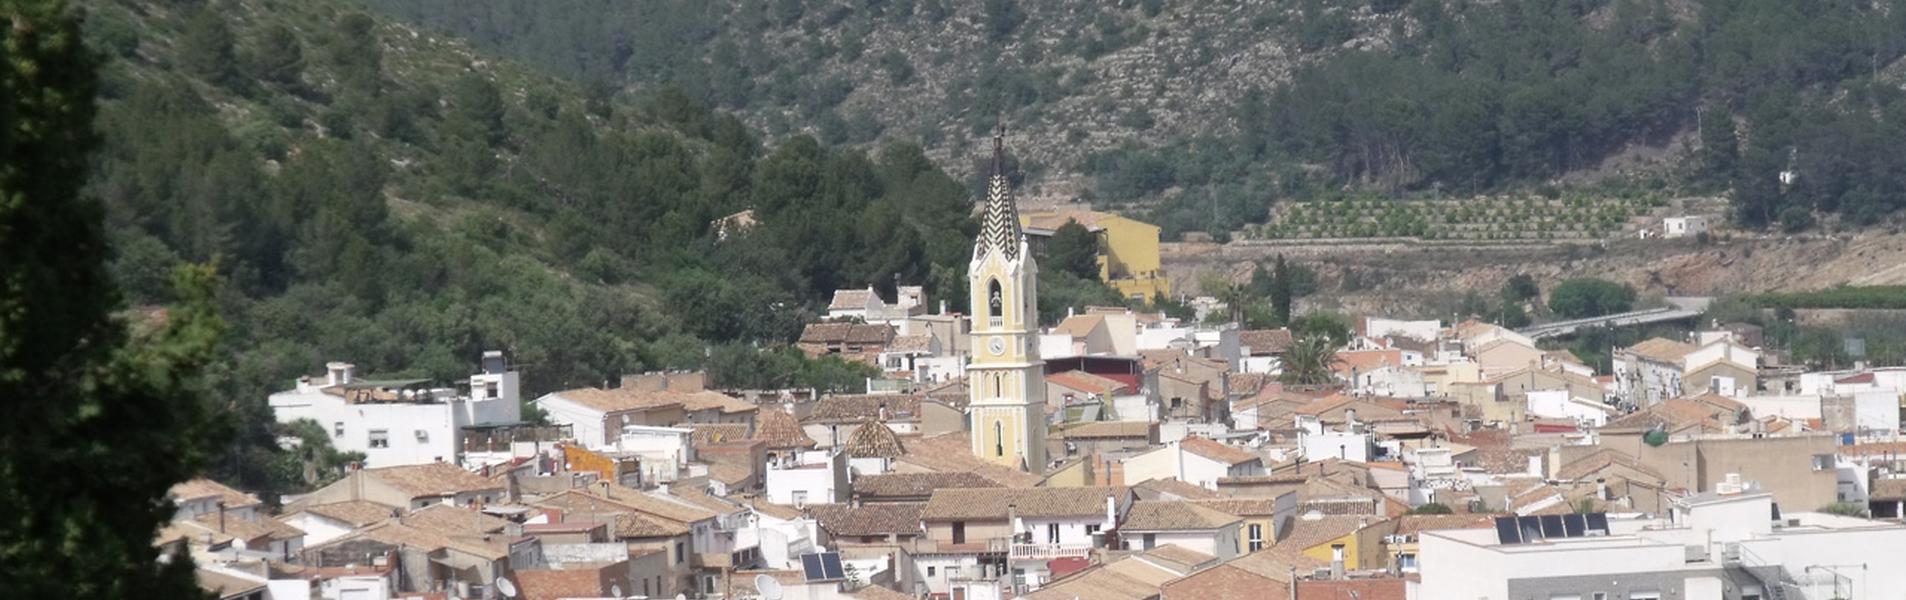 Palma de Gandía